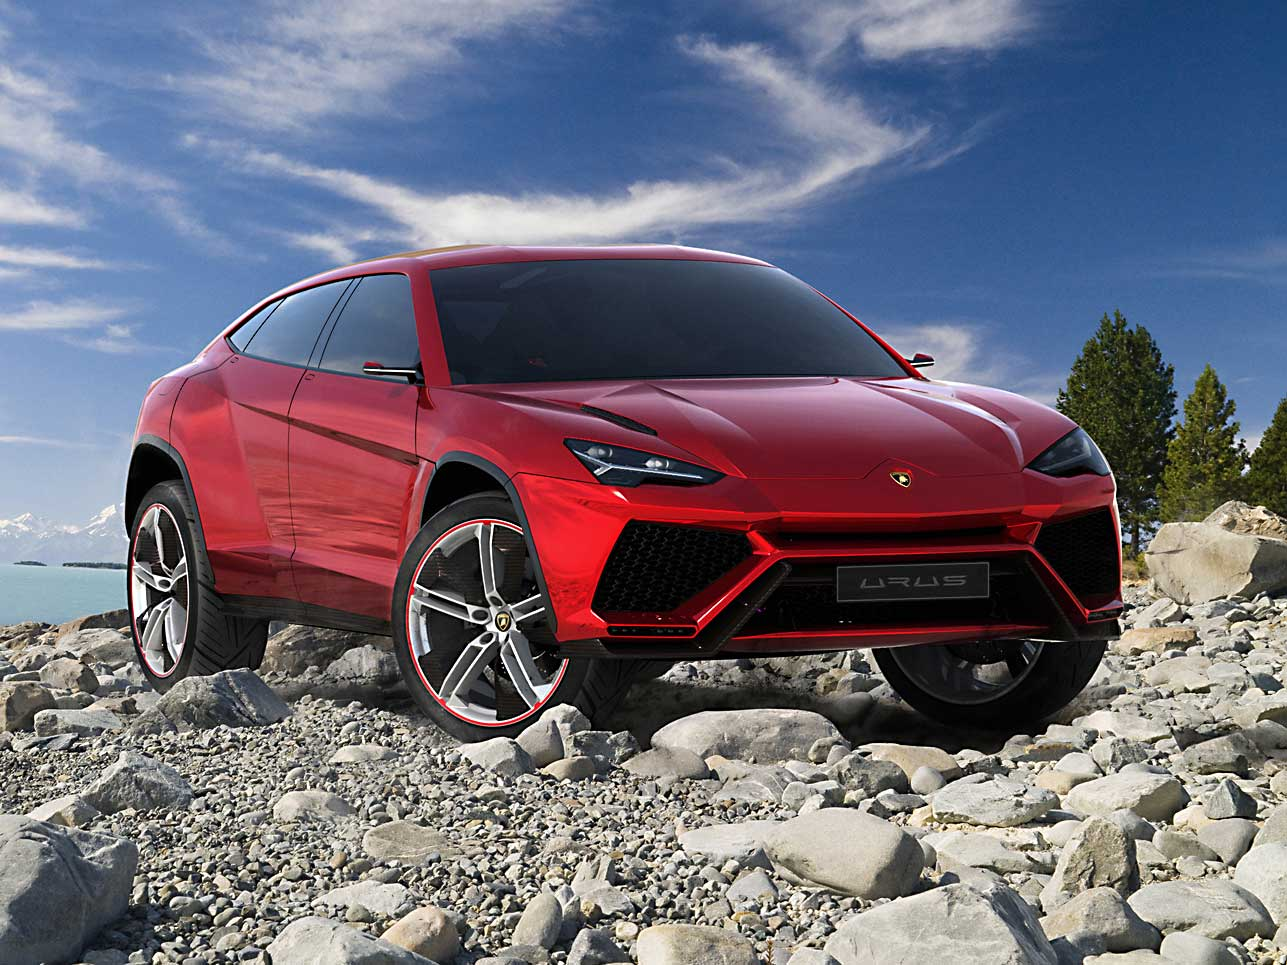 Der neue Lamborghini Urus